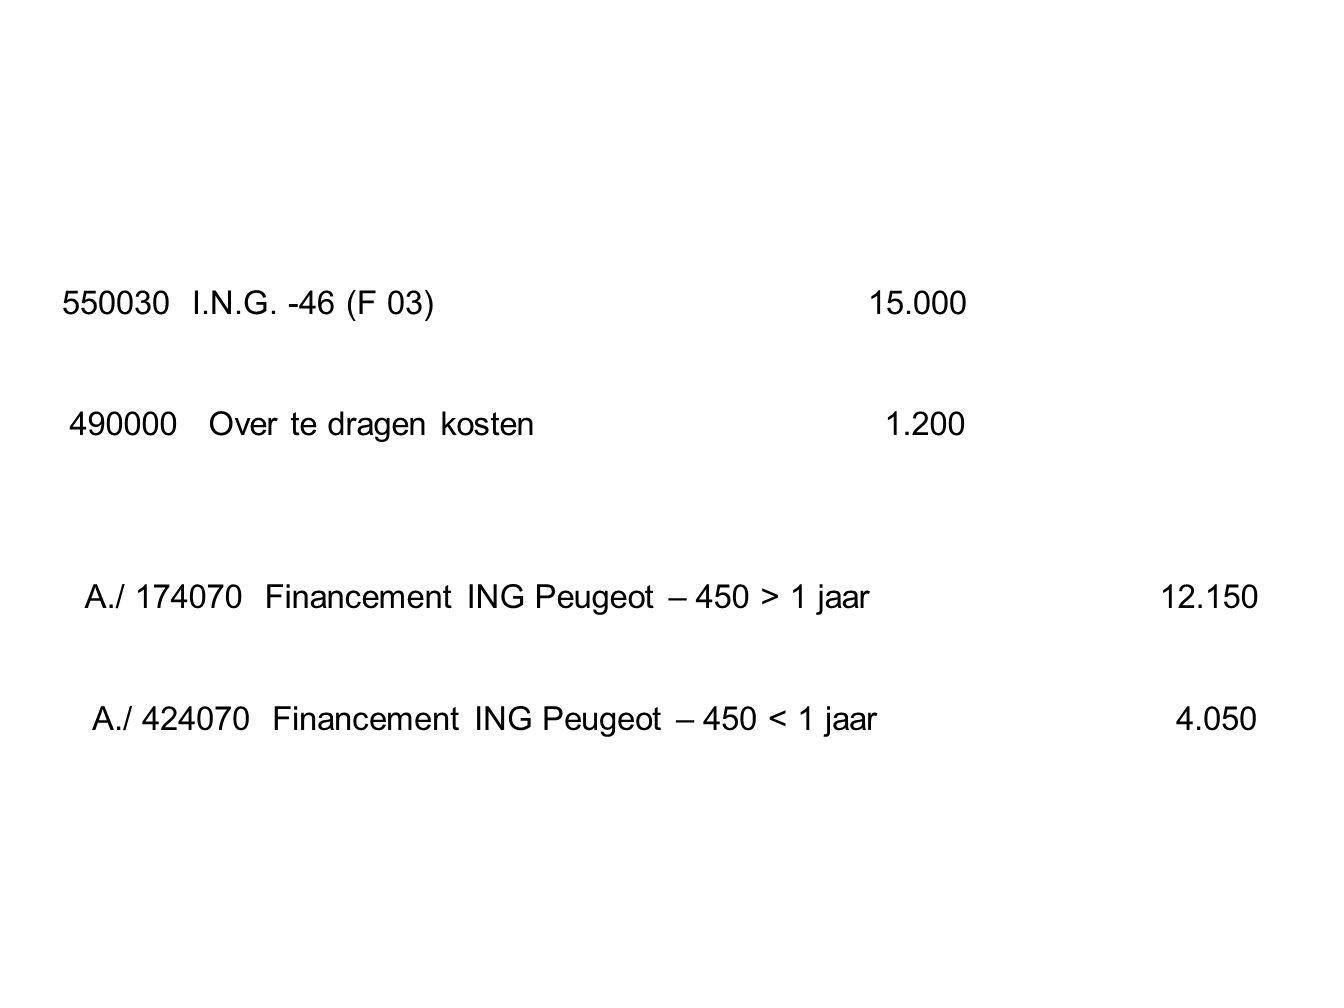 550030 I.N.G. -46 (F 03) 15.000 490000 Over te dragen kosten 1.200 A./ 174070 Financement ING Peugeot – 450 > 1 jaar 12.150 A./ 424070 Financement ING